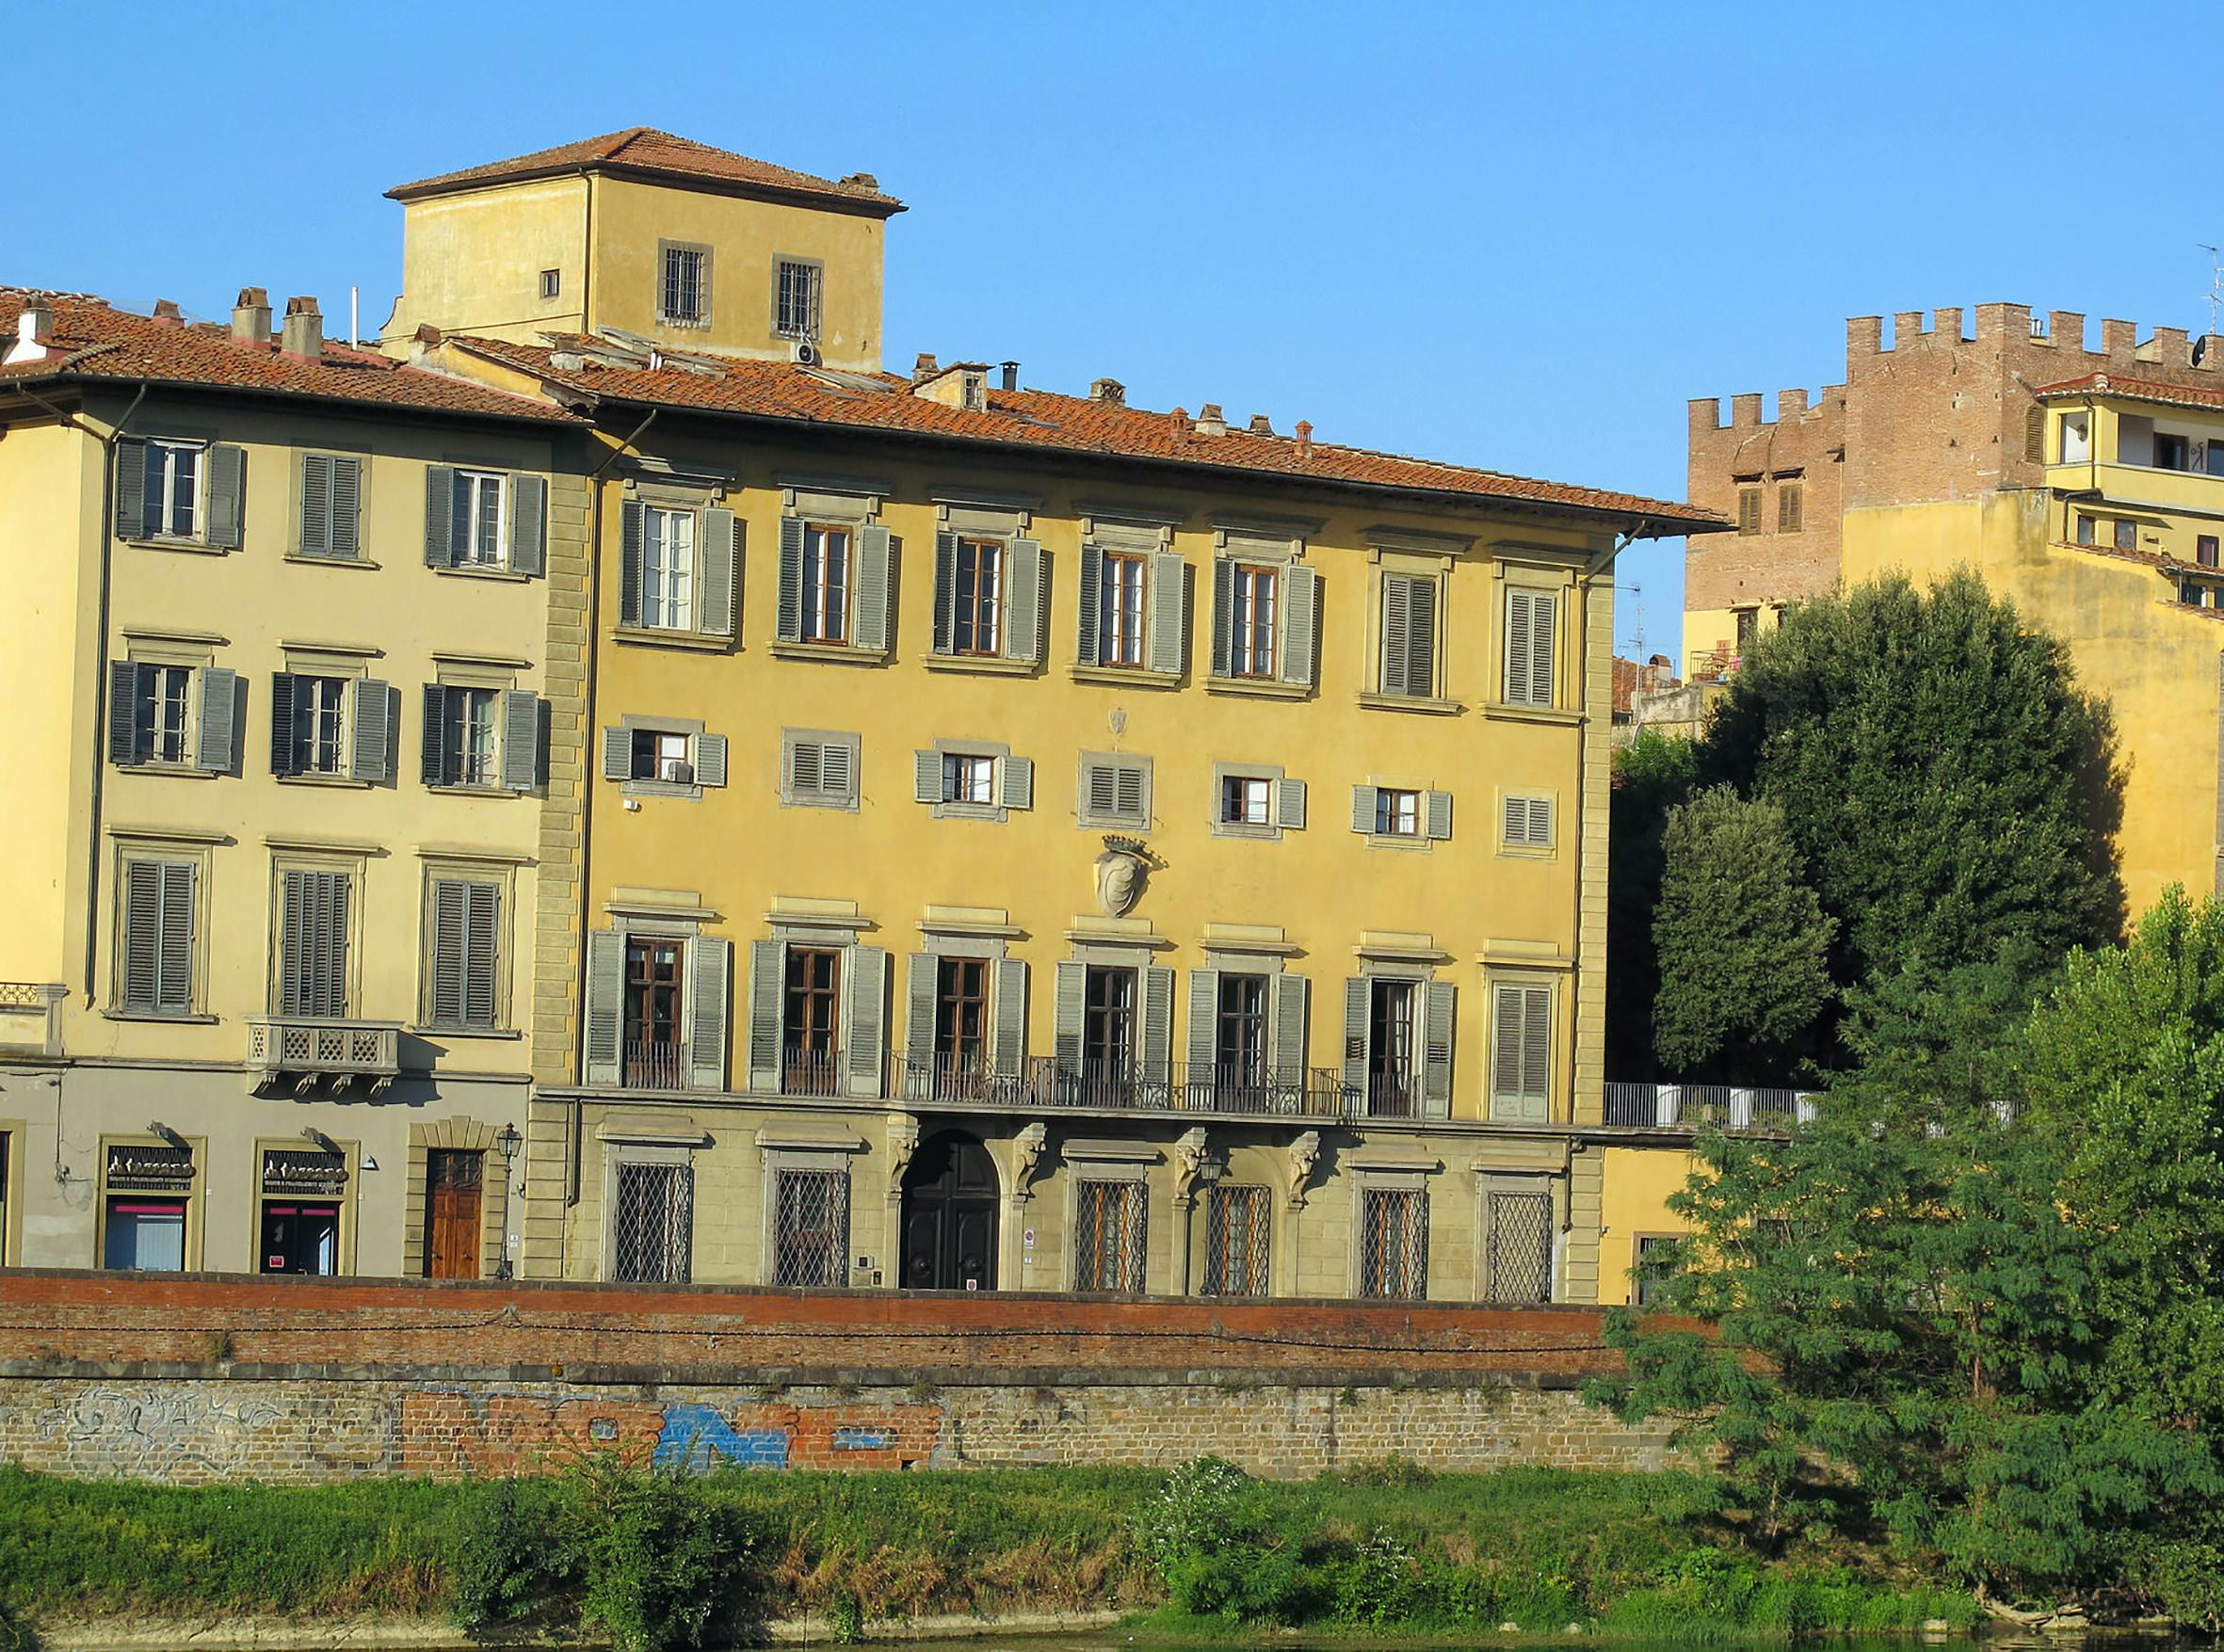 Lungarno_guicciardini,_palazzo_guicciardini_bardi_(mattina)_02-1